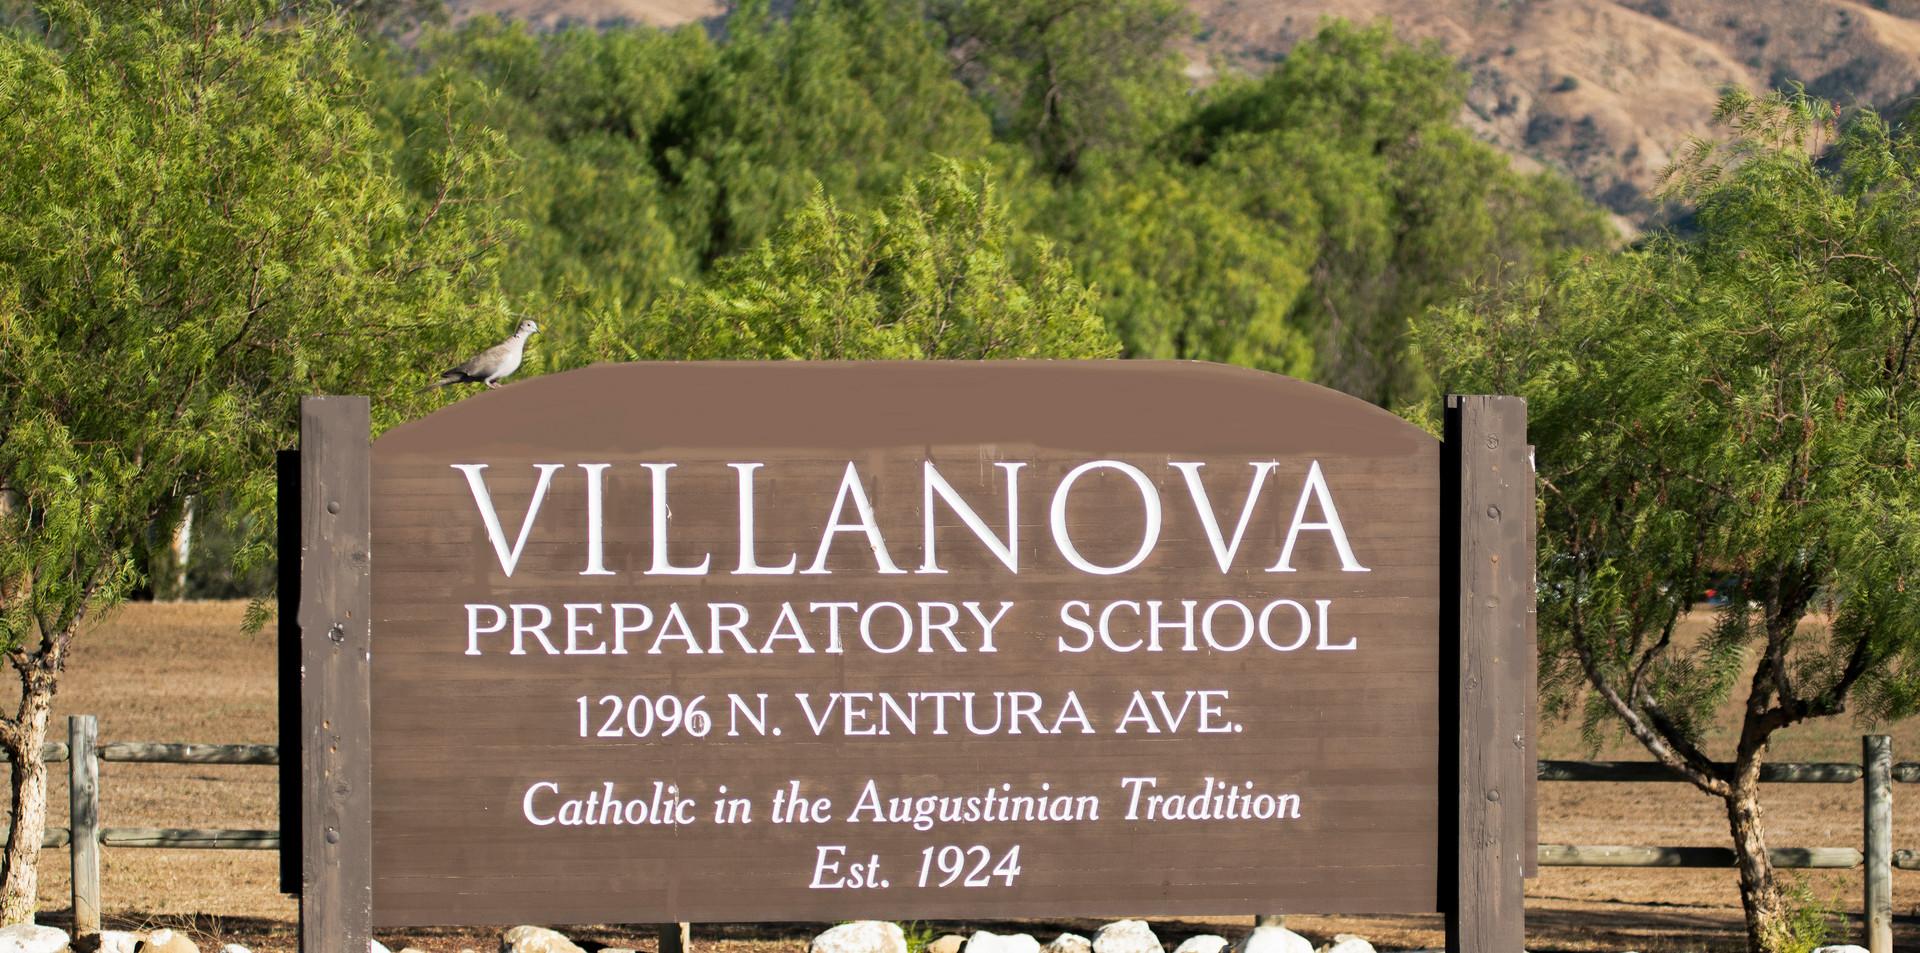 Villanova-1-6.JPG